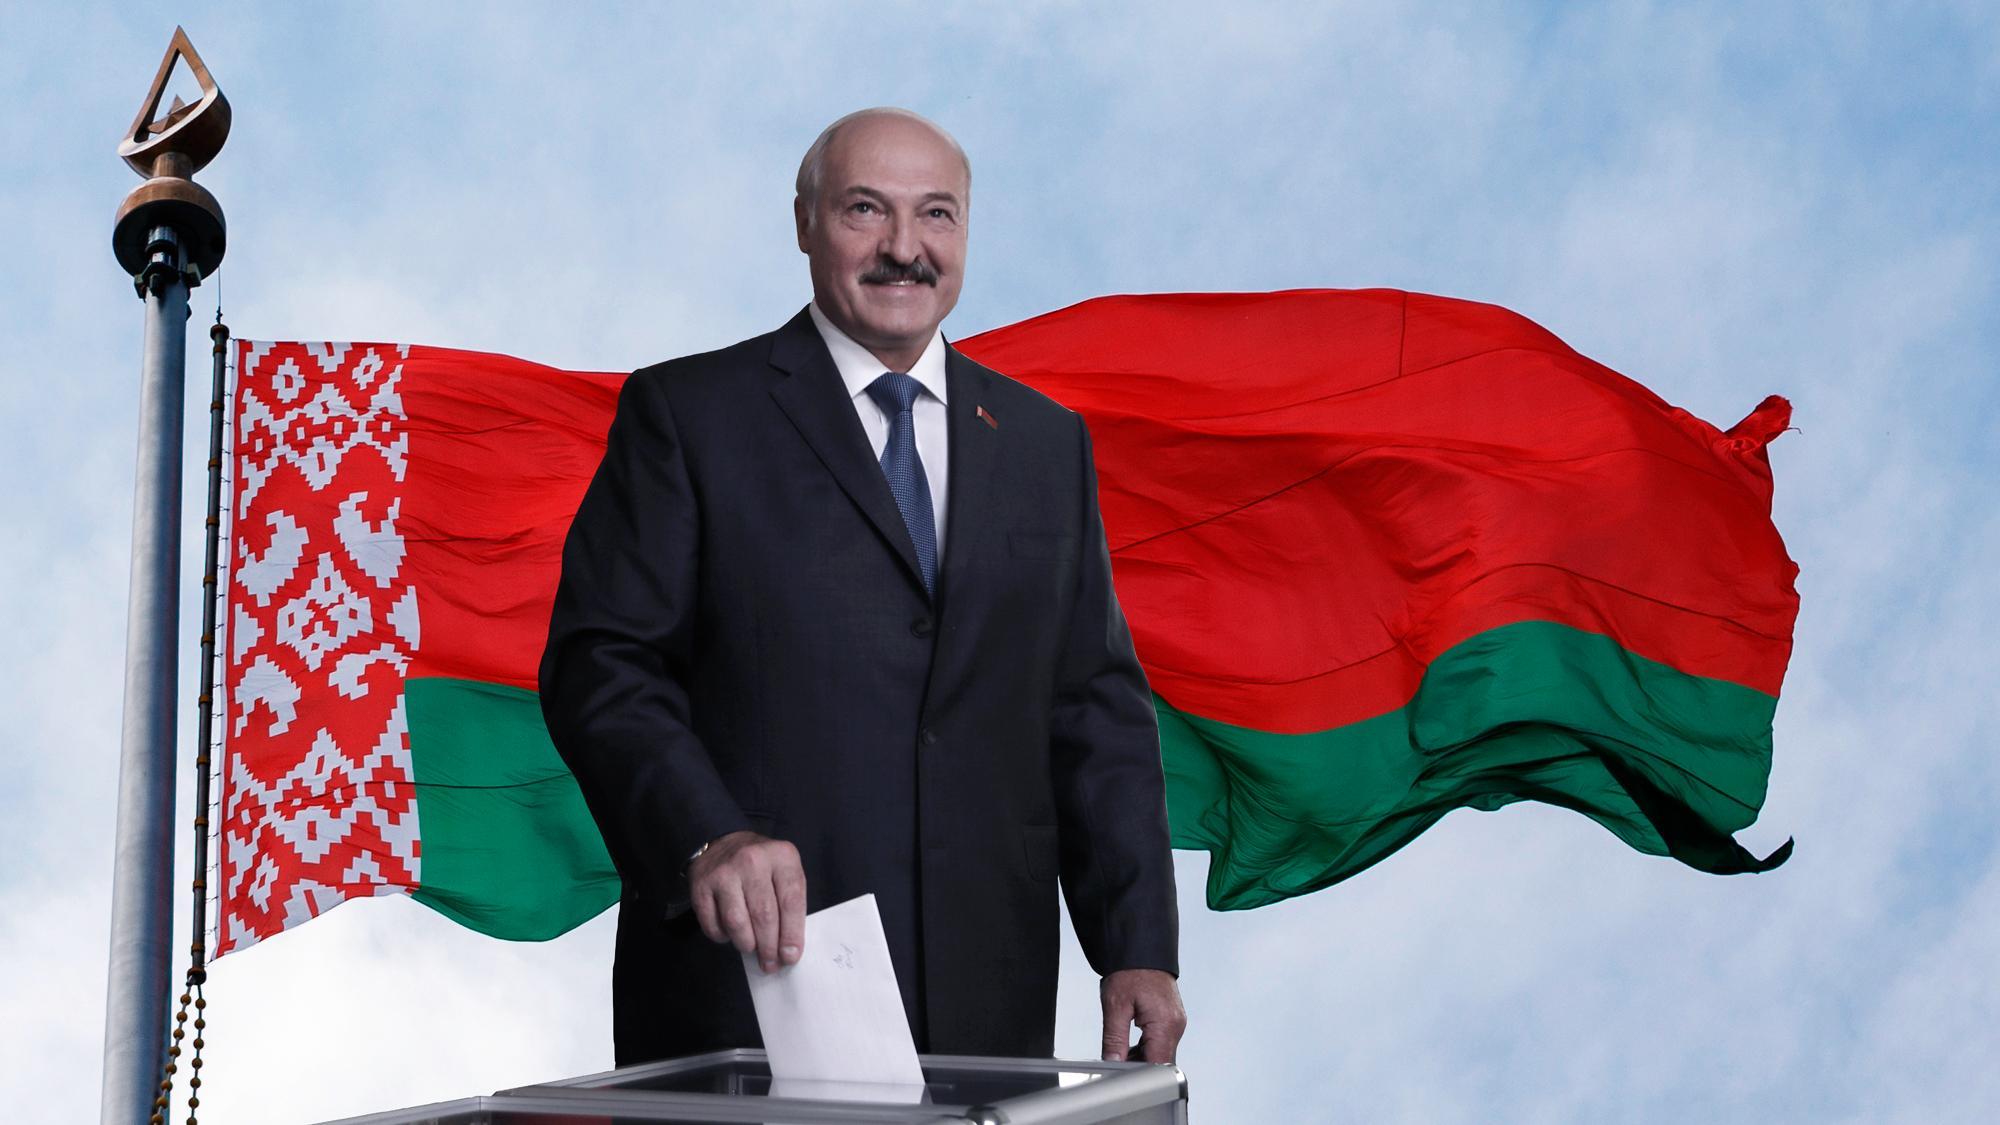 КГБ, фальсификации и смена конституции. Как Лукашенко пять раз избирался президентом Белоруссии